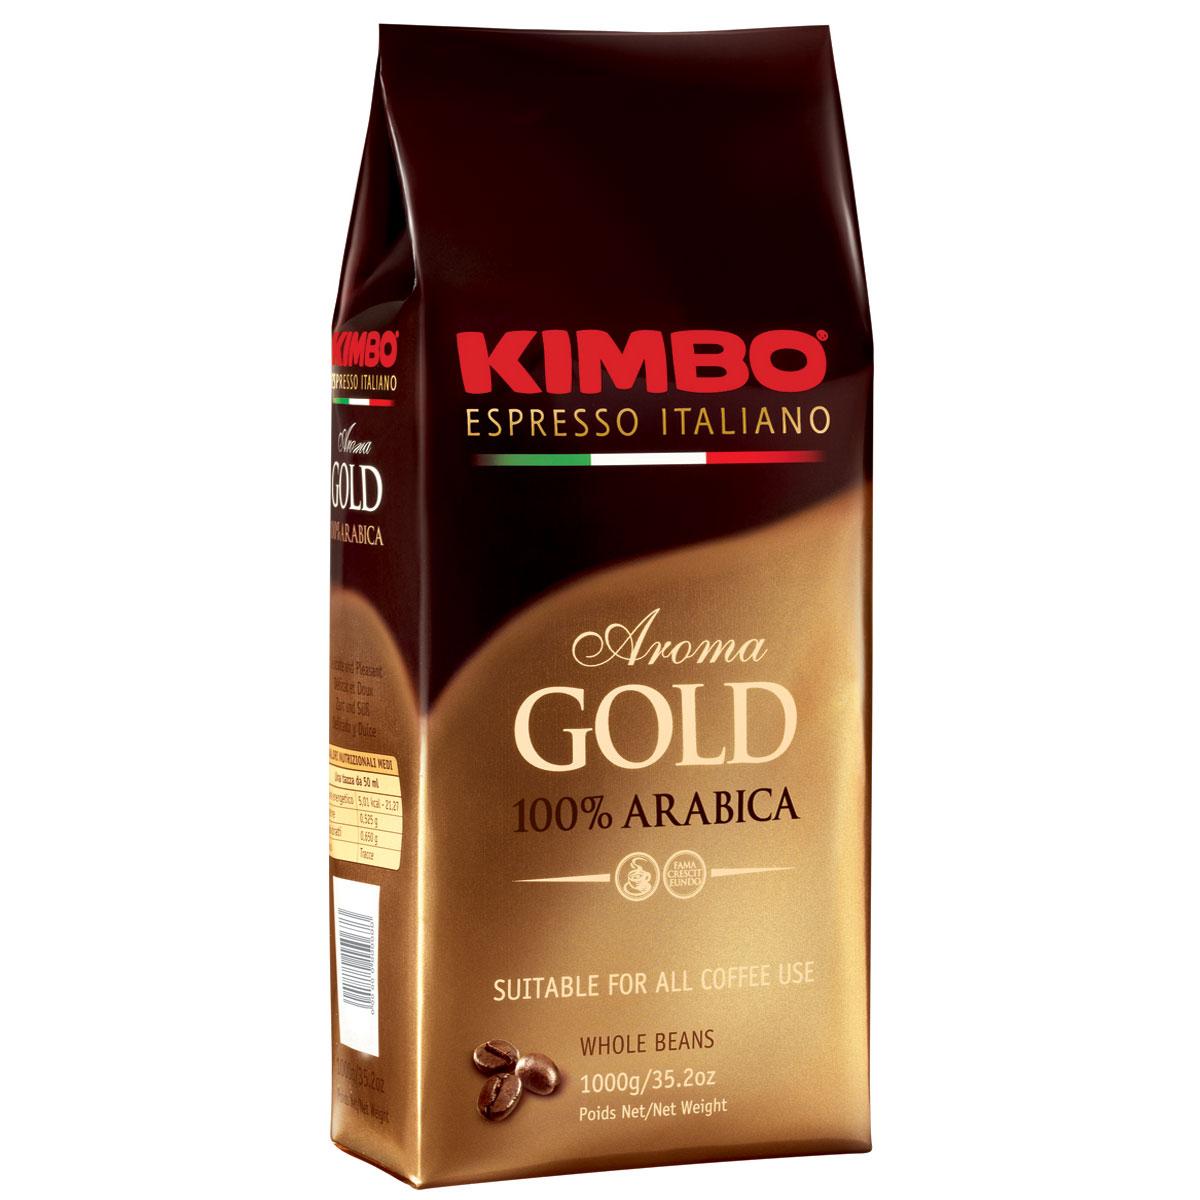 Kimbo Aroma Gold 100% Arabica кофе в зернах, 1 кг8002200102180Натуральный жареный кофе в зернах Kimbo Aroma Gold 100% Arabica. Смесь превосходной арабики отличается нежным вкусом, мягкой кислинкой и тонкимароматом. Состав смеси: 100% арабика.